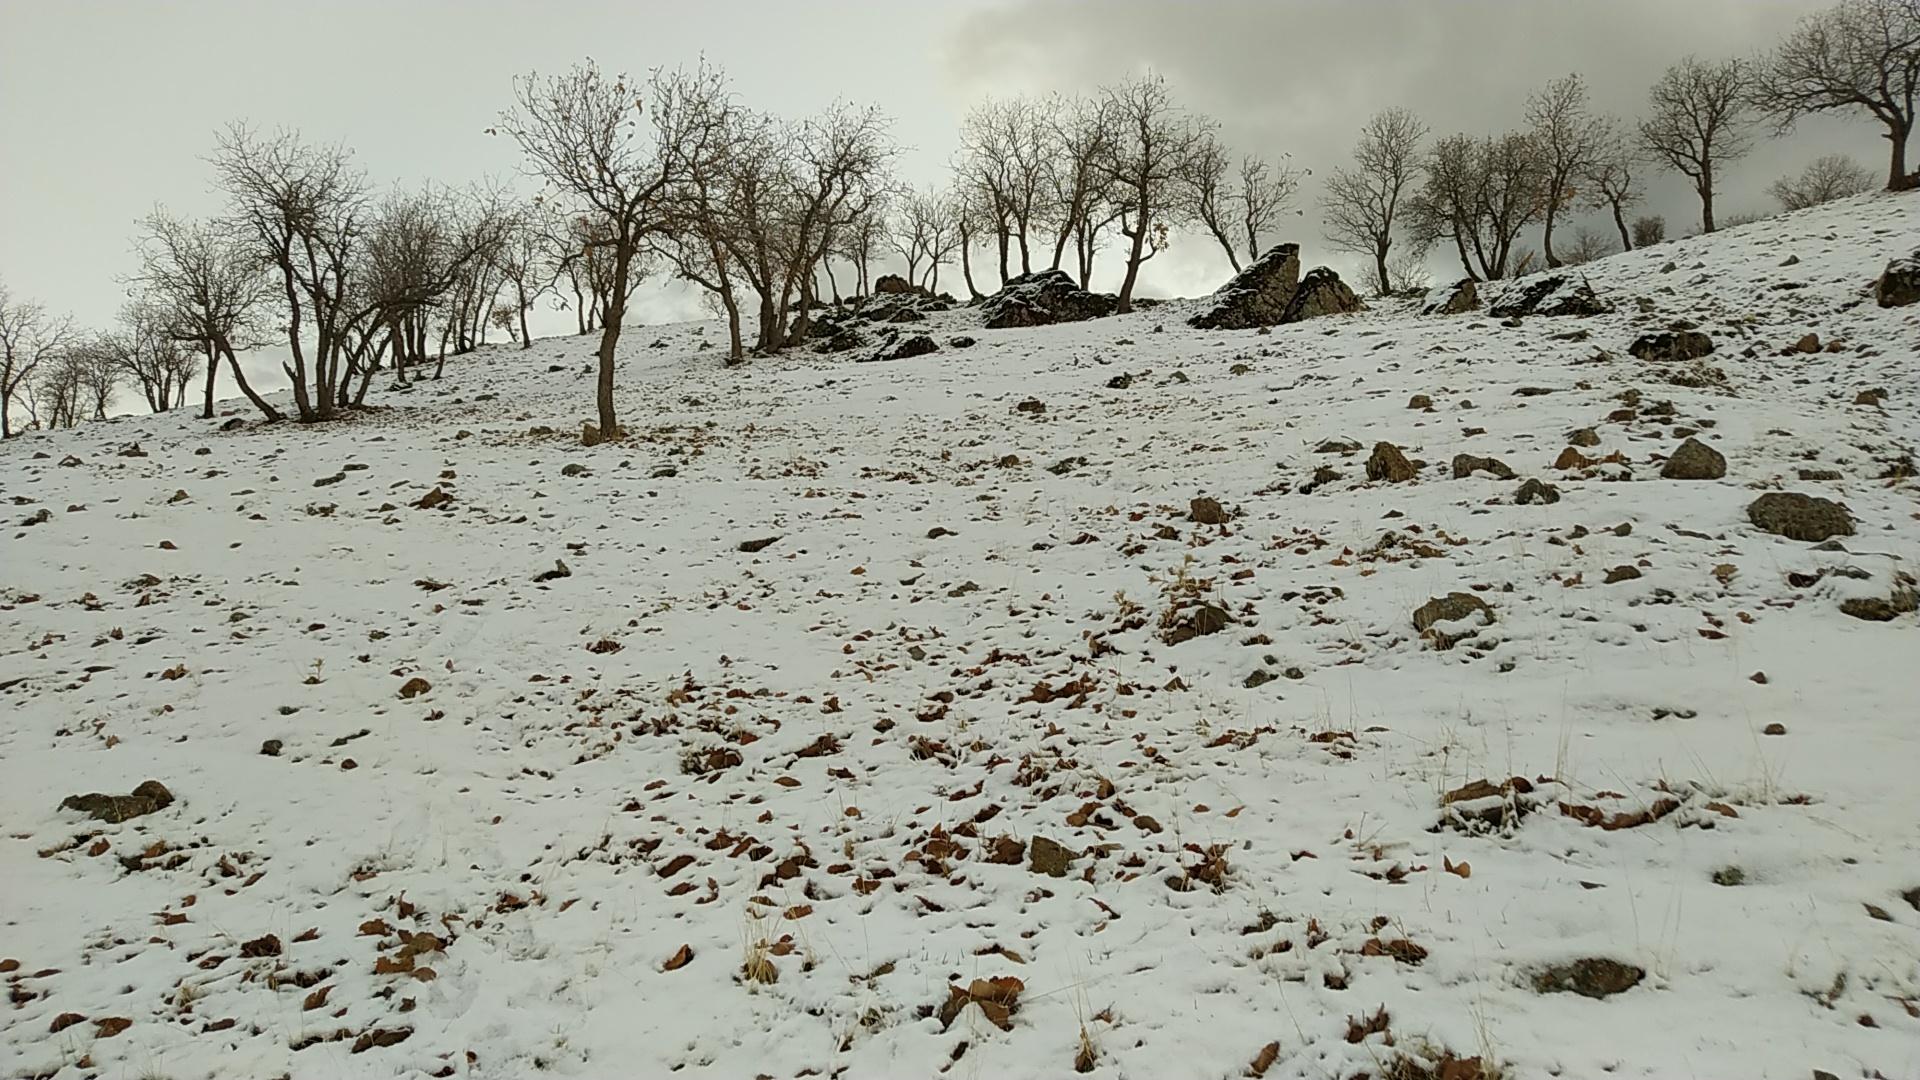 سرما و یخبندان در استان های کشور/ امداد رسانی به در راه ماندگان ادامه دارد + فیلم